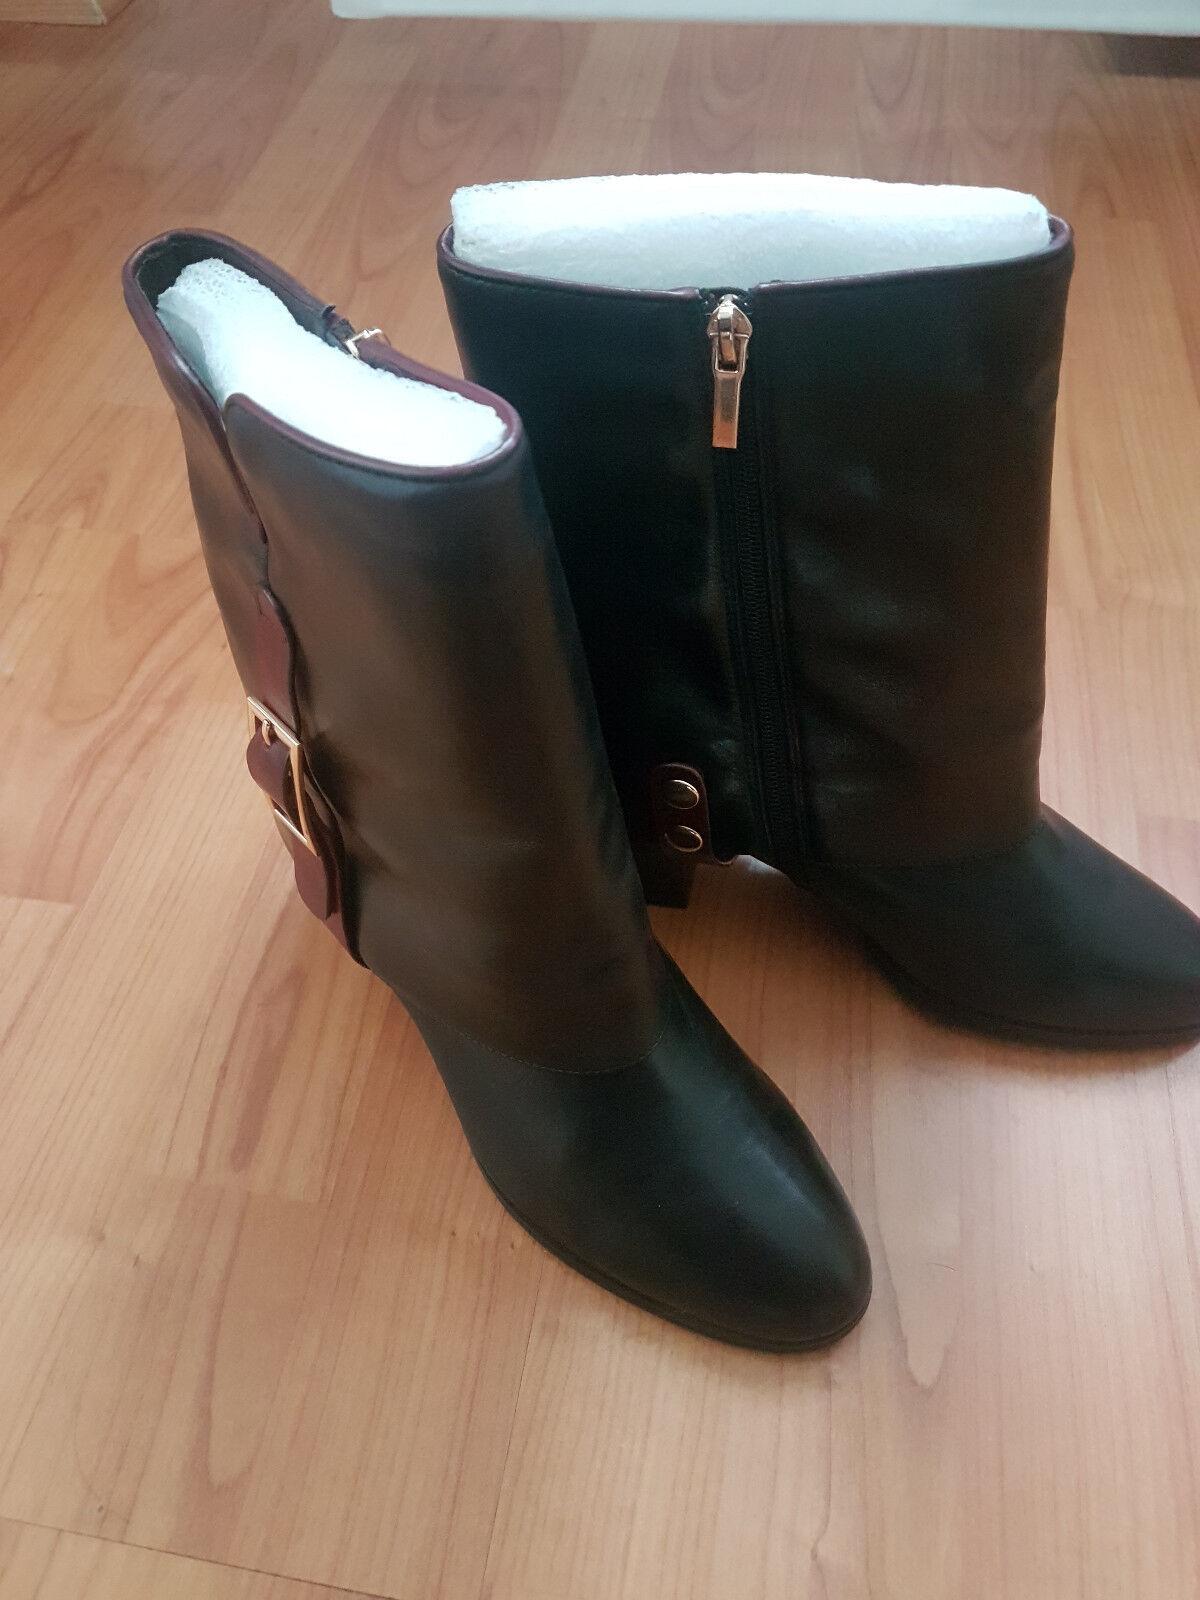 Chaussures Femmes Bottines botijon Hammerstein taille 38 comme neuf